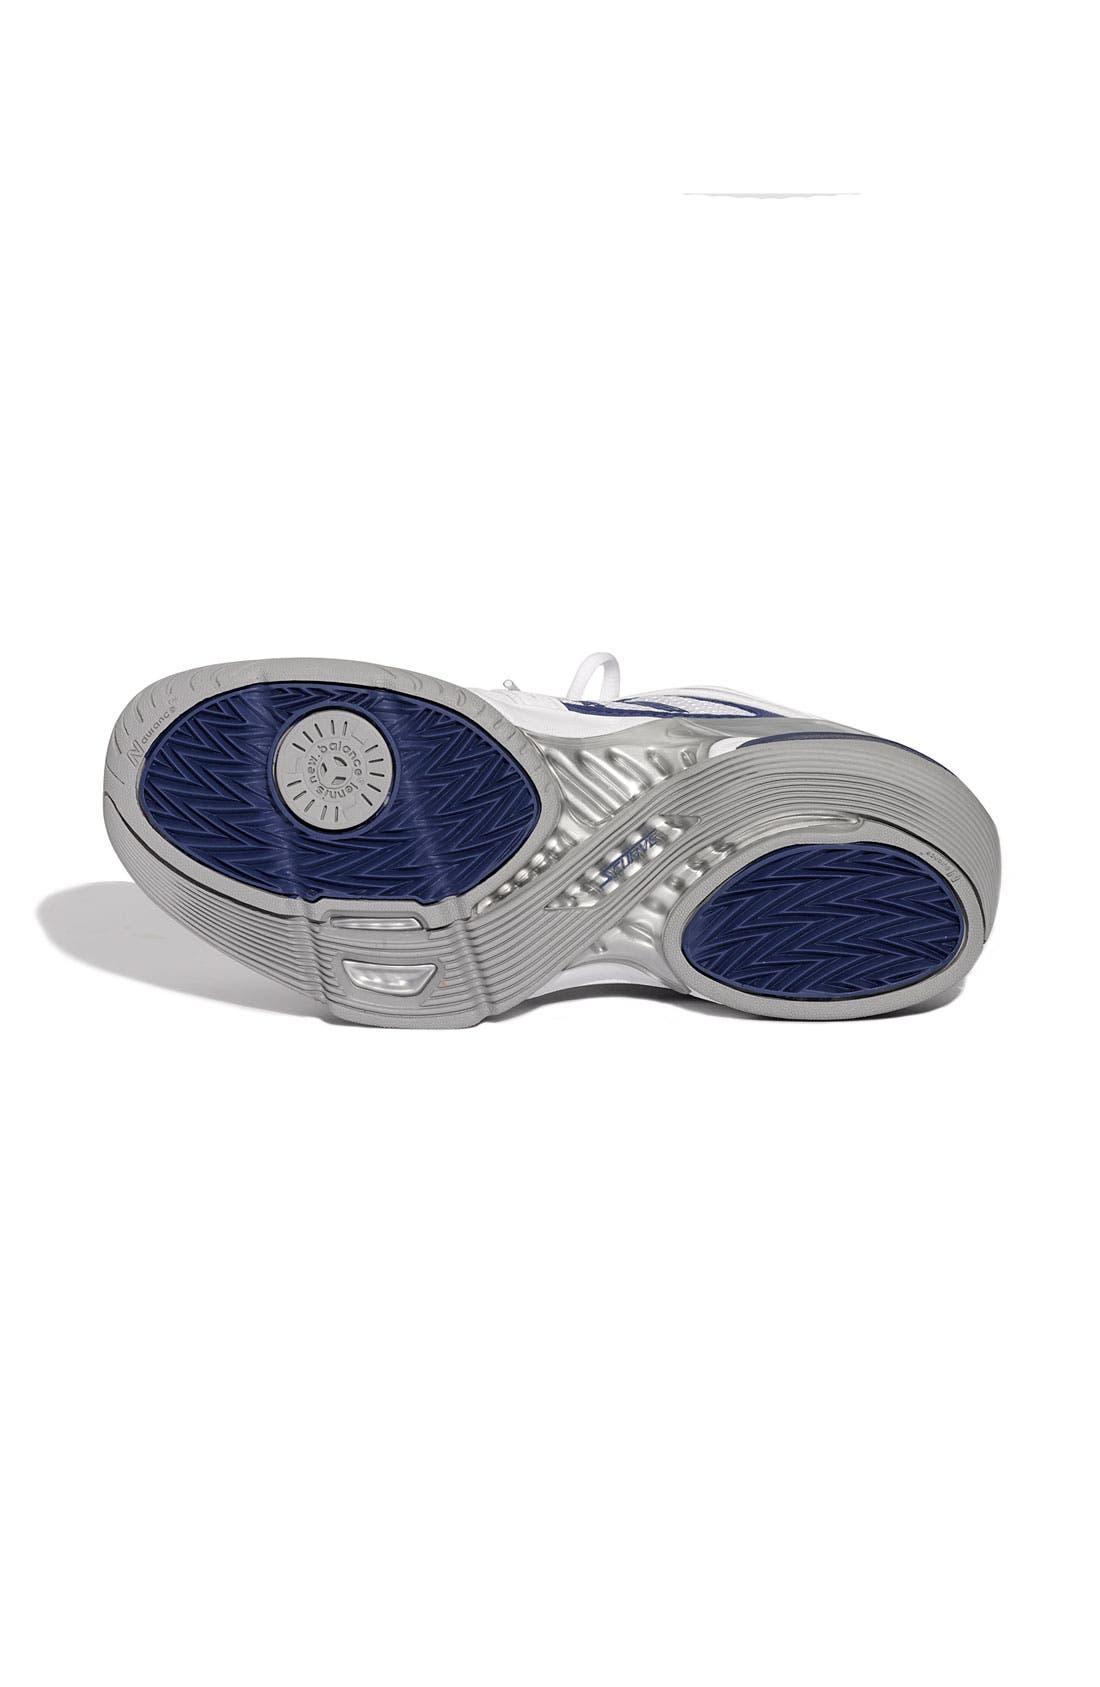 Alternate Image 4  - New Balance '1005' Tennis Shoe (Women)(Retail Price: $114.95)